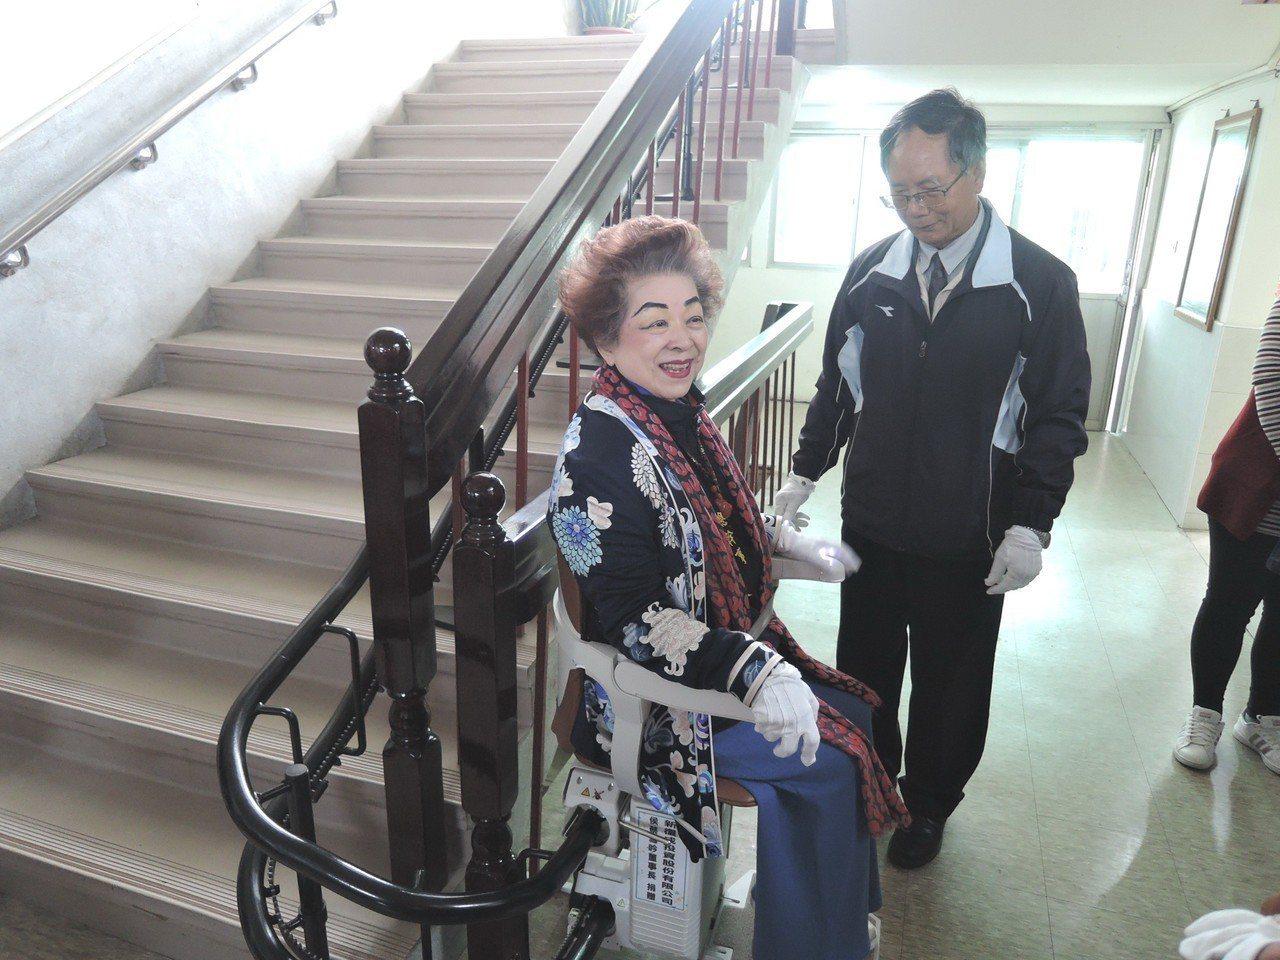 台南市北門區公所新裝設升降梯,行動不便者上下樓梯更方便。記者謝進盛/攝影